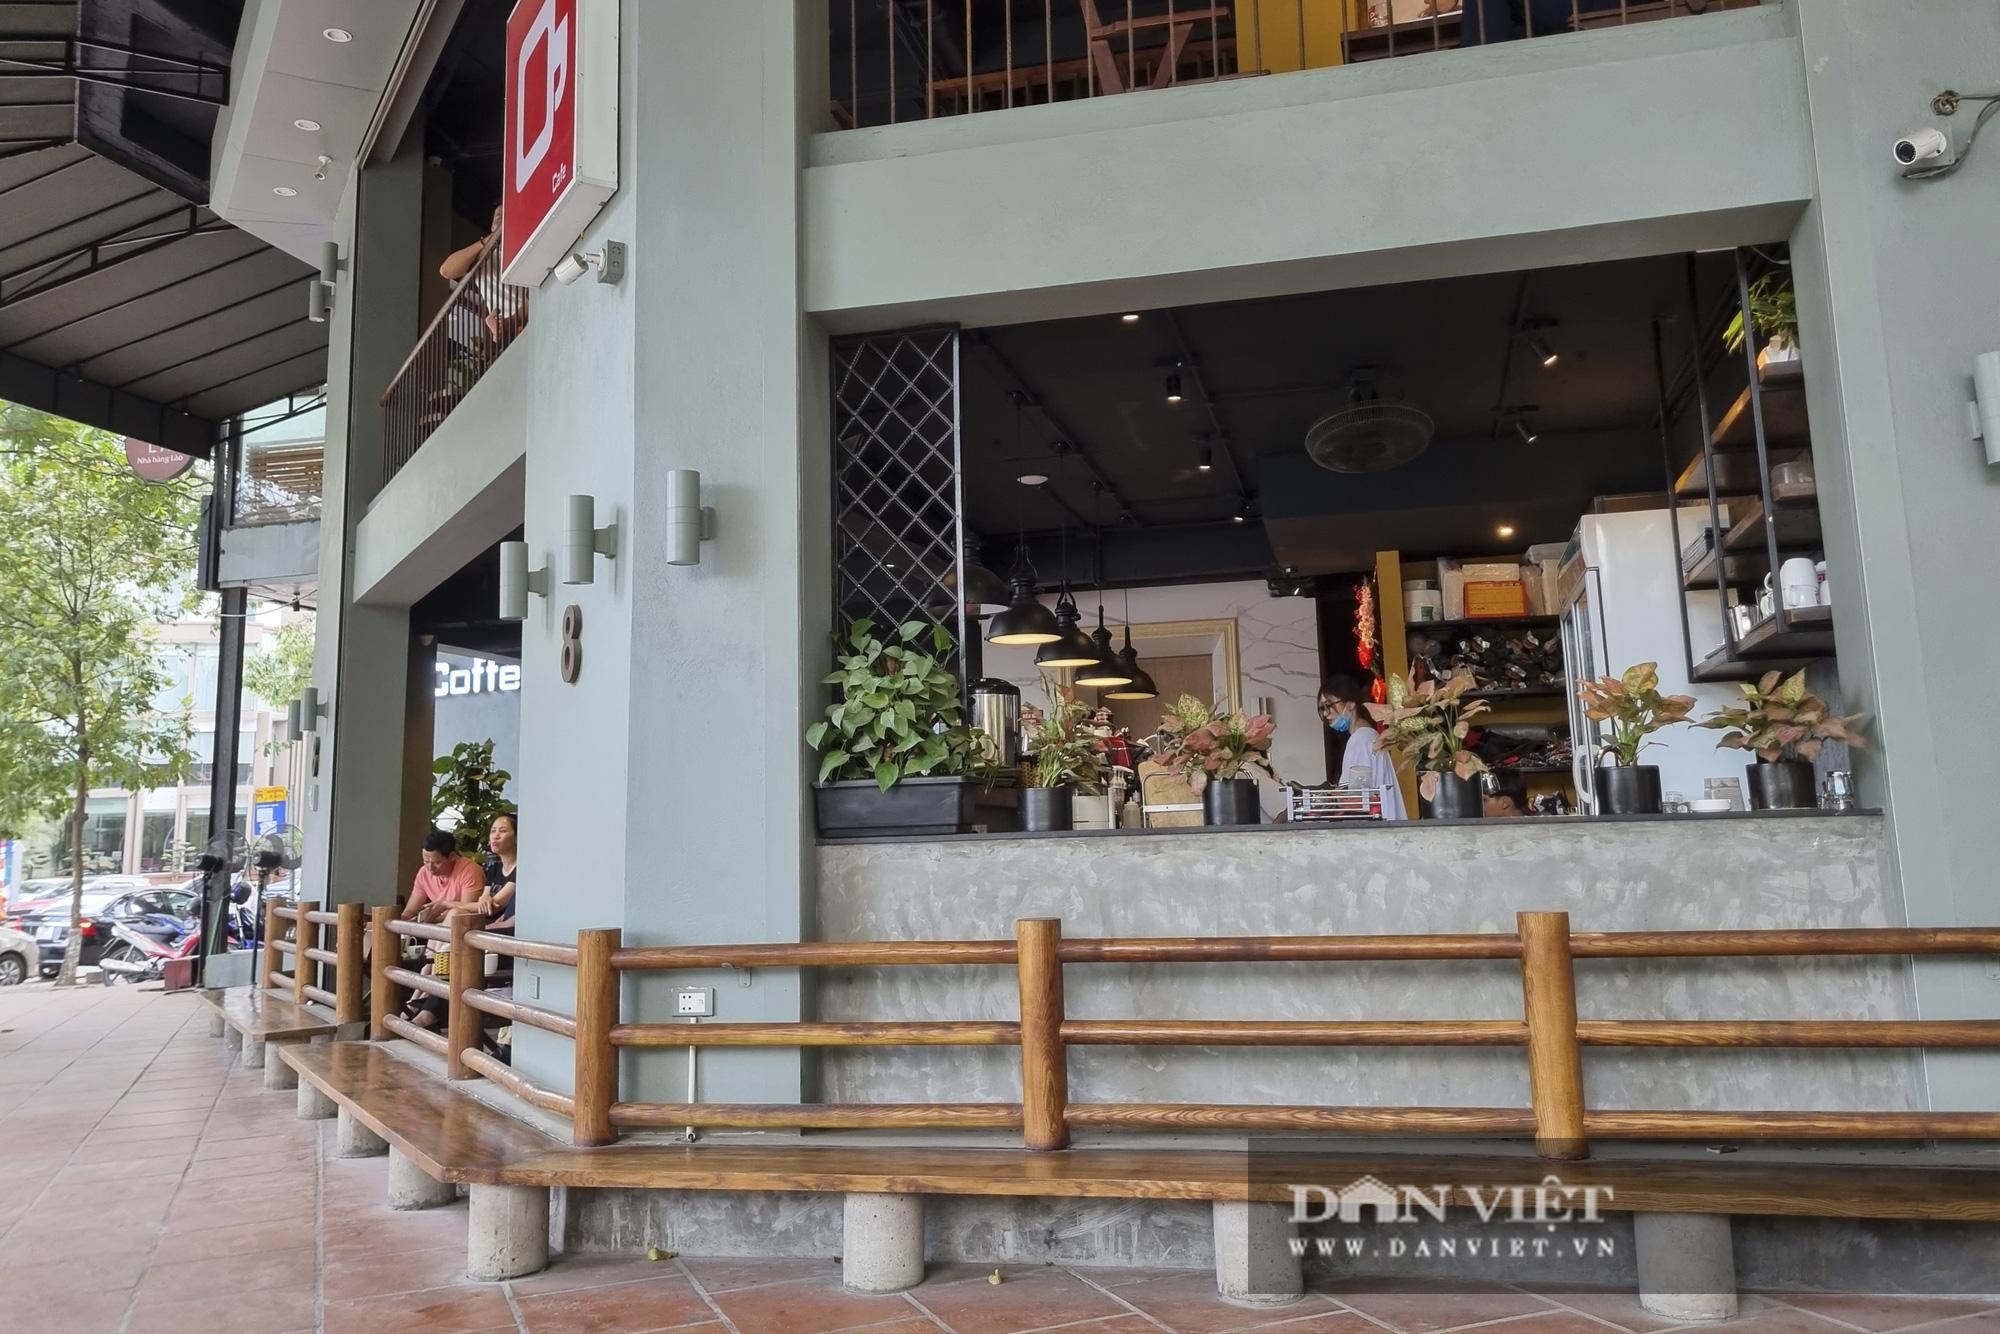 Hà Nội: Nhà hàng, quán cà phê, trà đá vỉa hè nơi chấp hành tốt, nơi vẫn ngang nhiên hoạt động  - Ảnh 3.